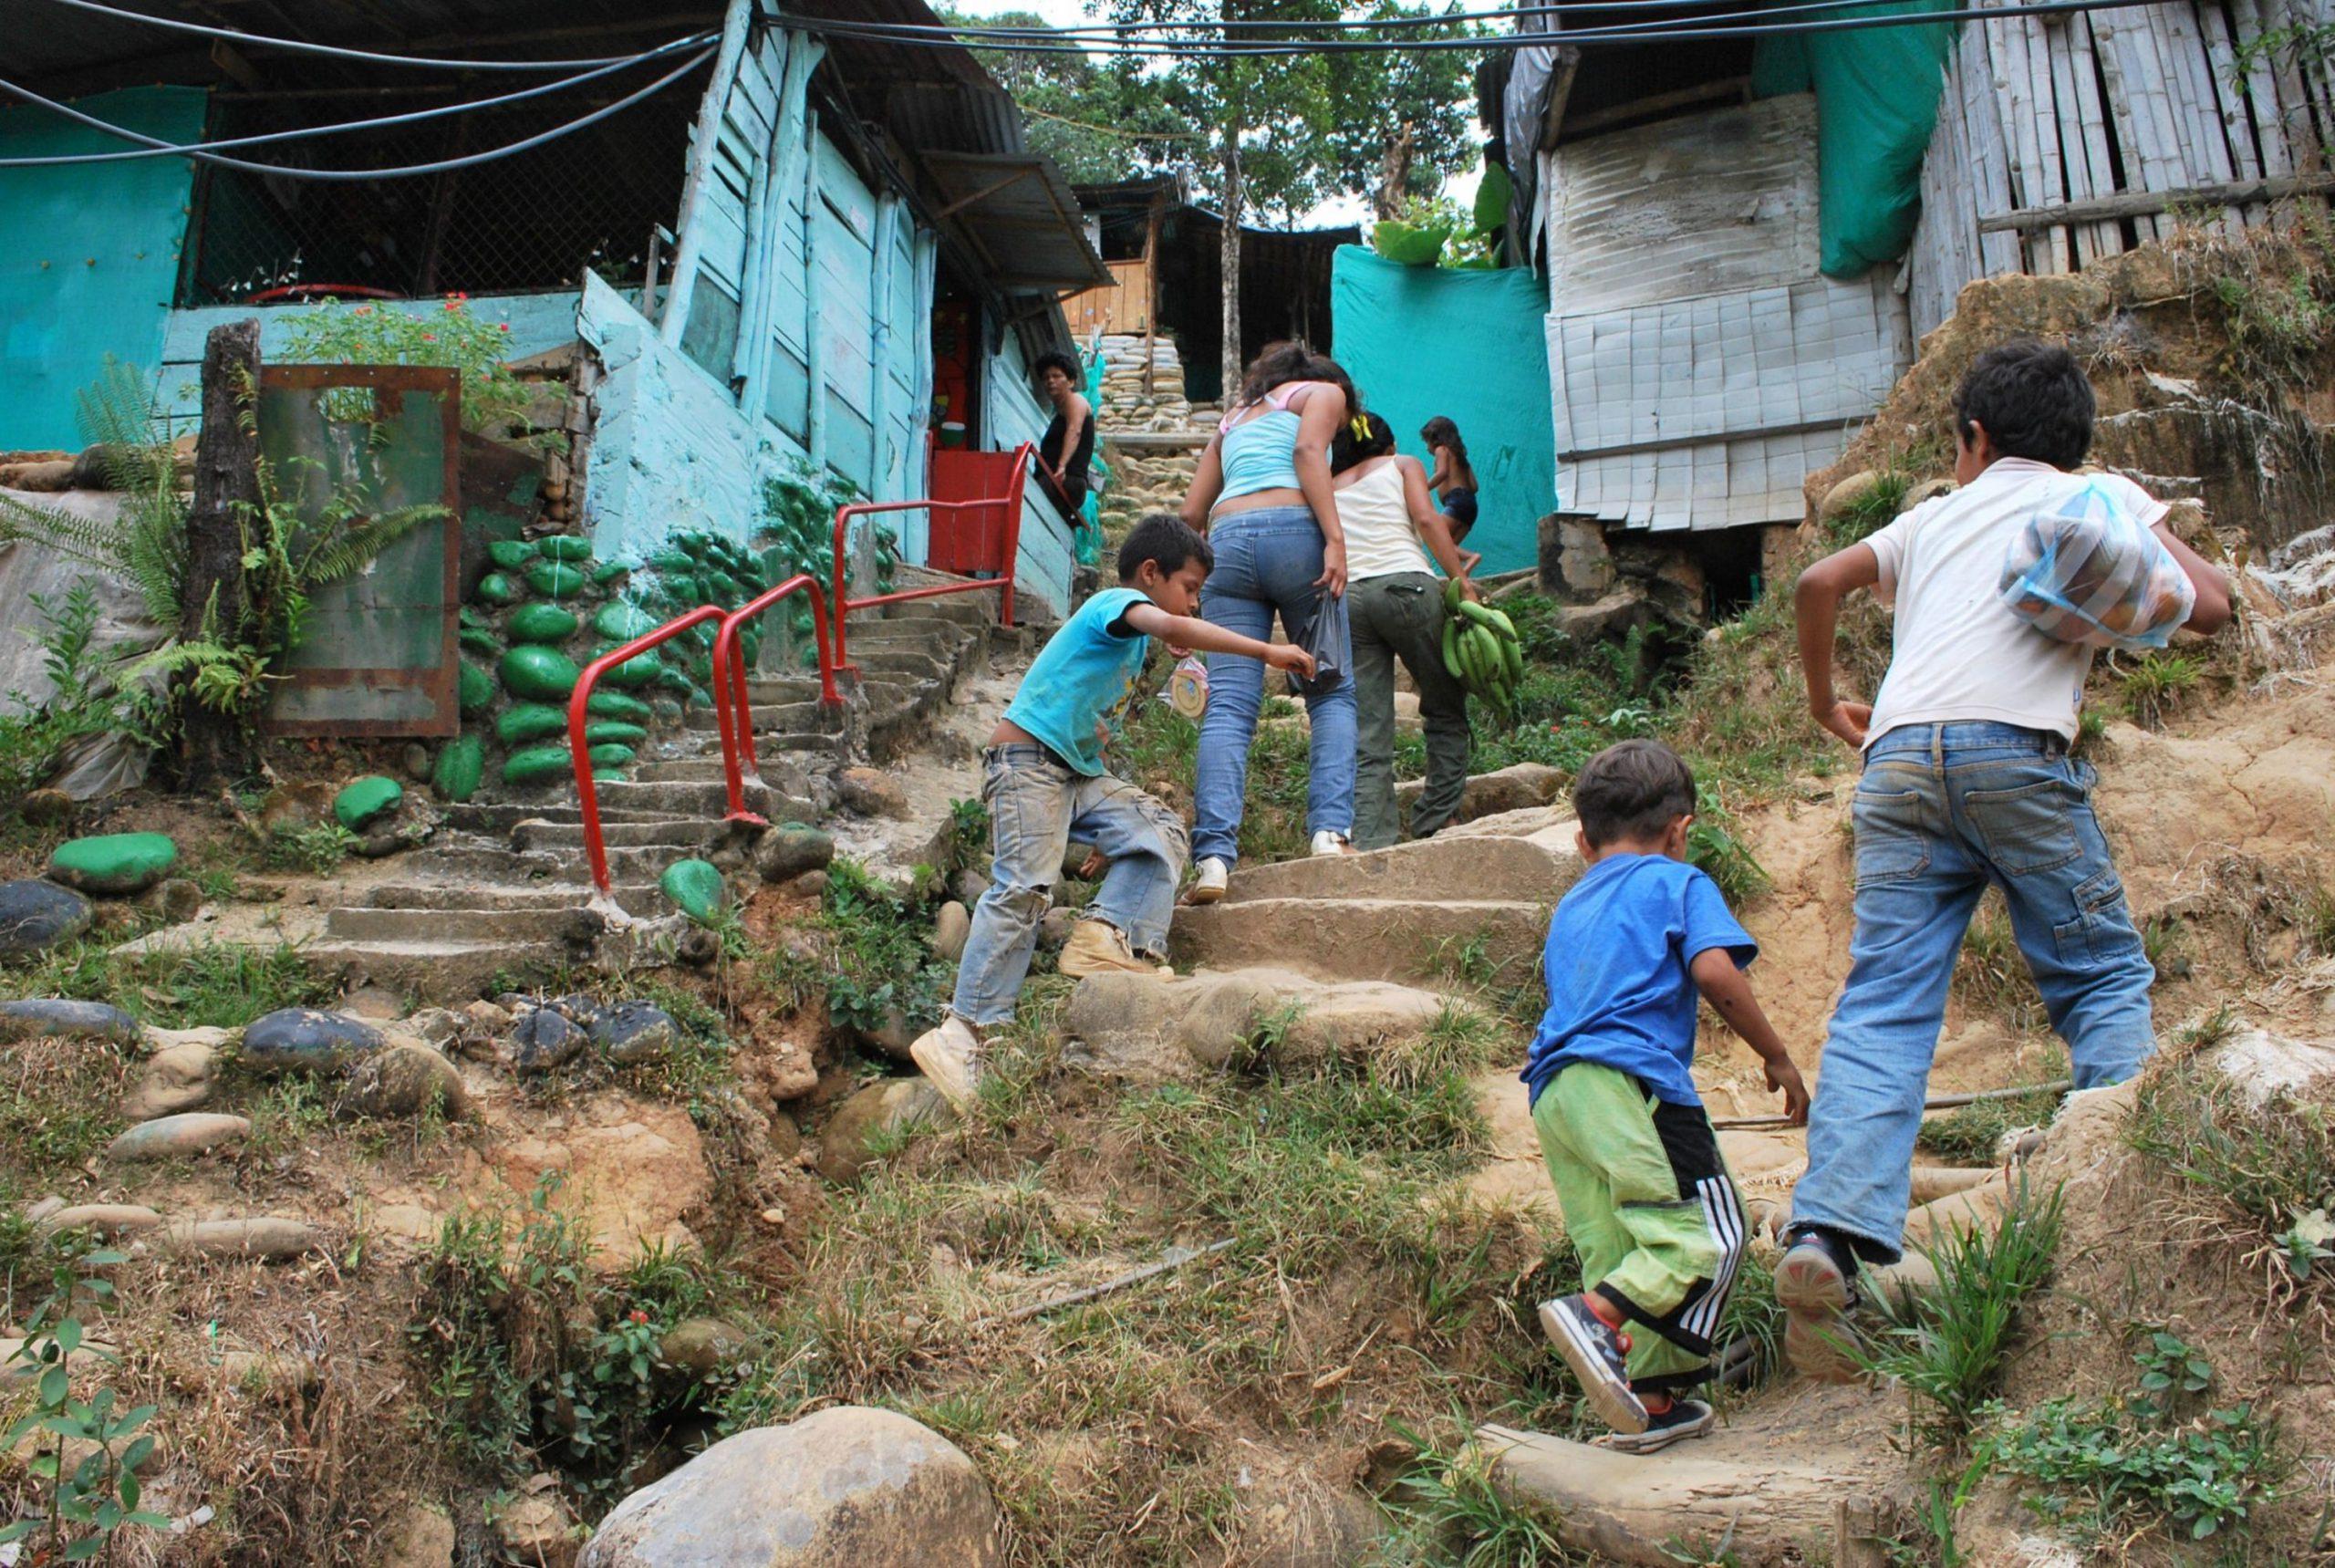 Caerán en pobreza extrema 47 millones de mujeres y niñas: ONU